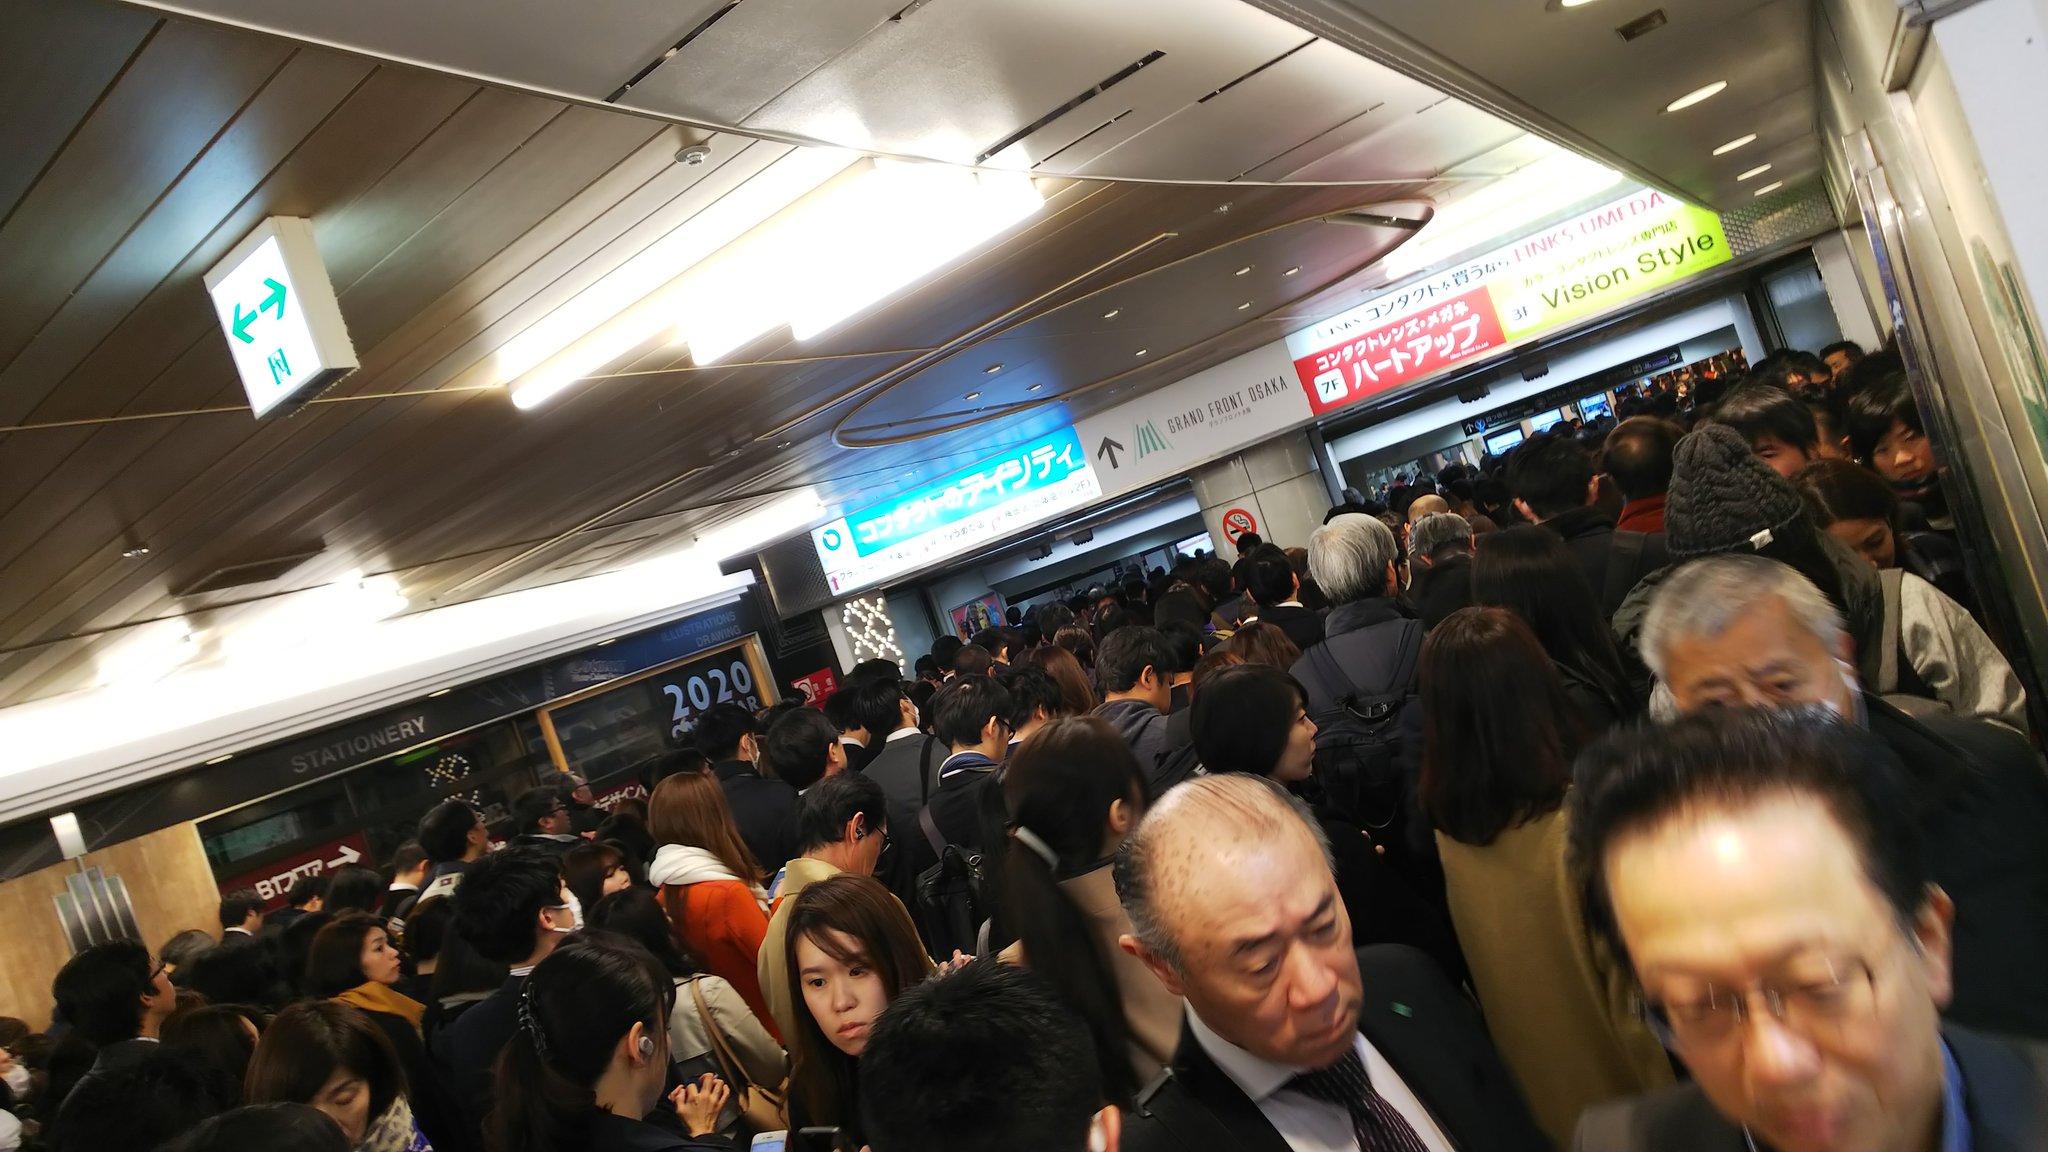 御堂筋線の梅田駅がトラブルで混雑している画像